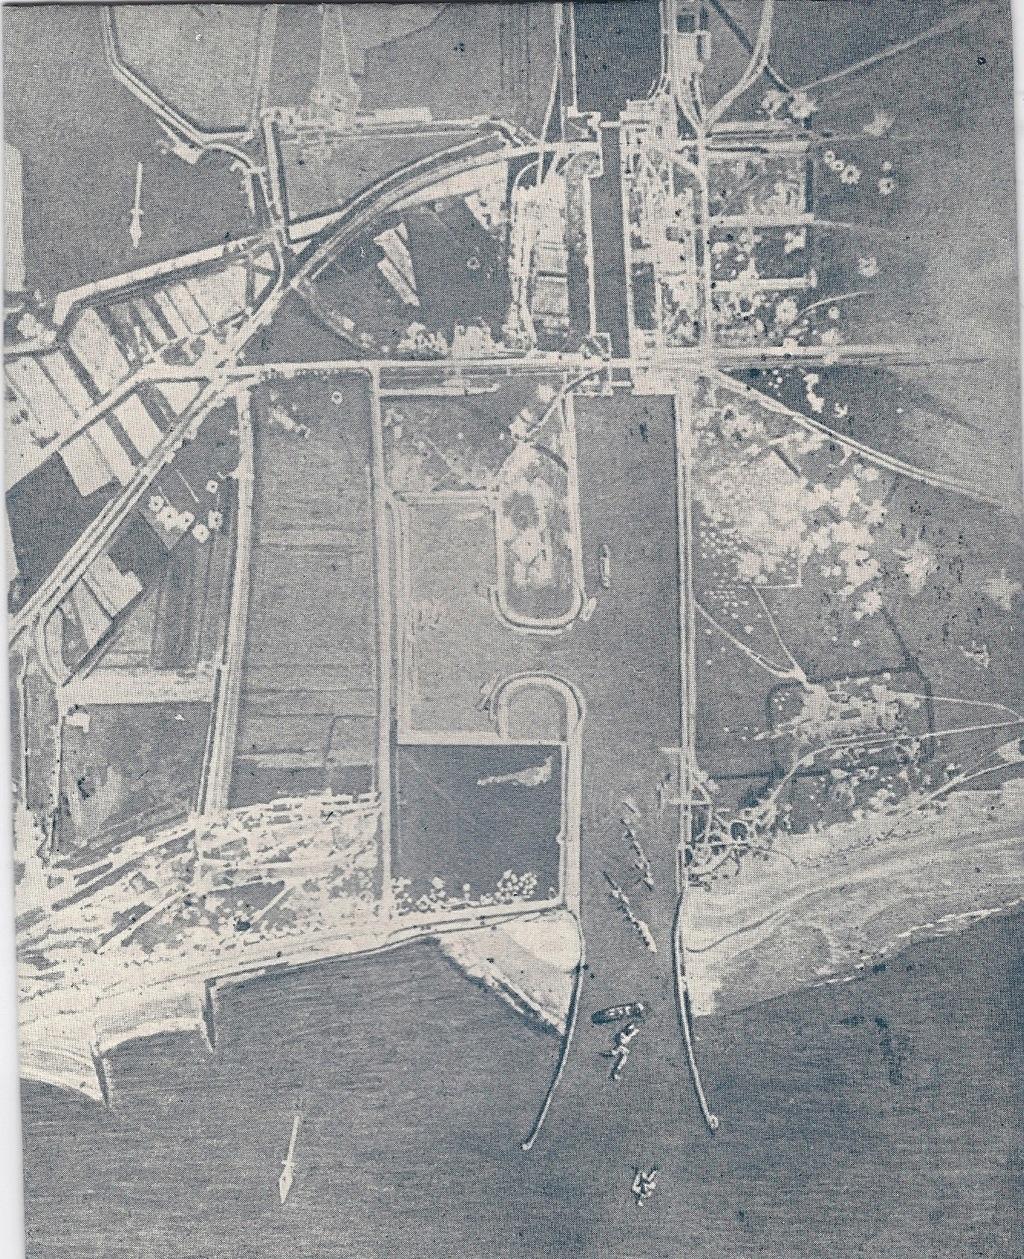 Zeebrugge : Base de sous-marins - Page 2 Zeebru10